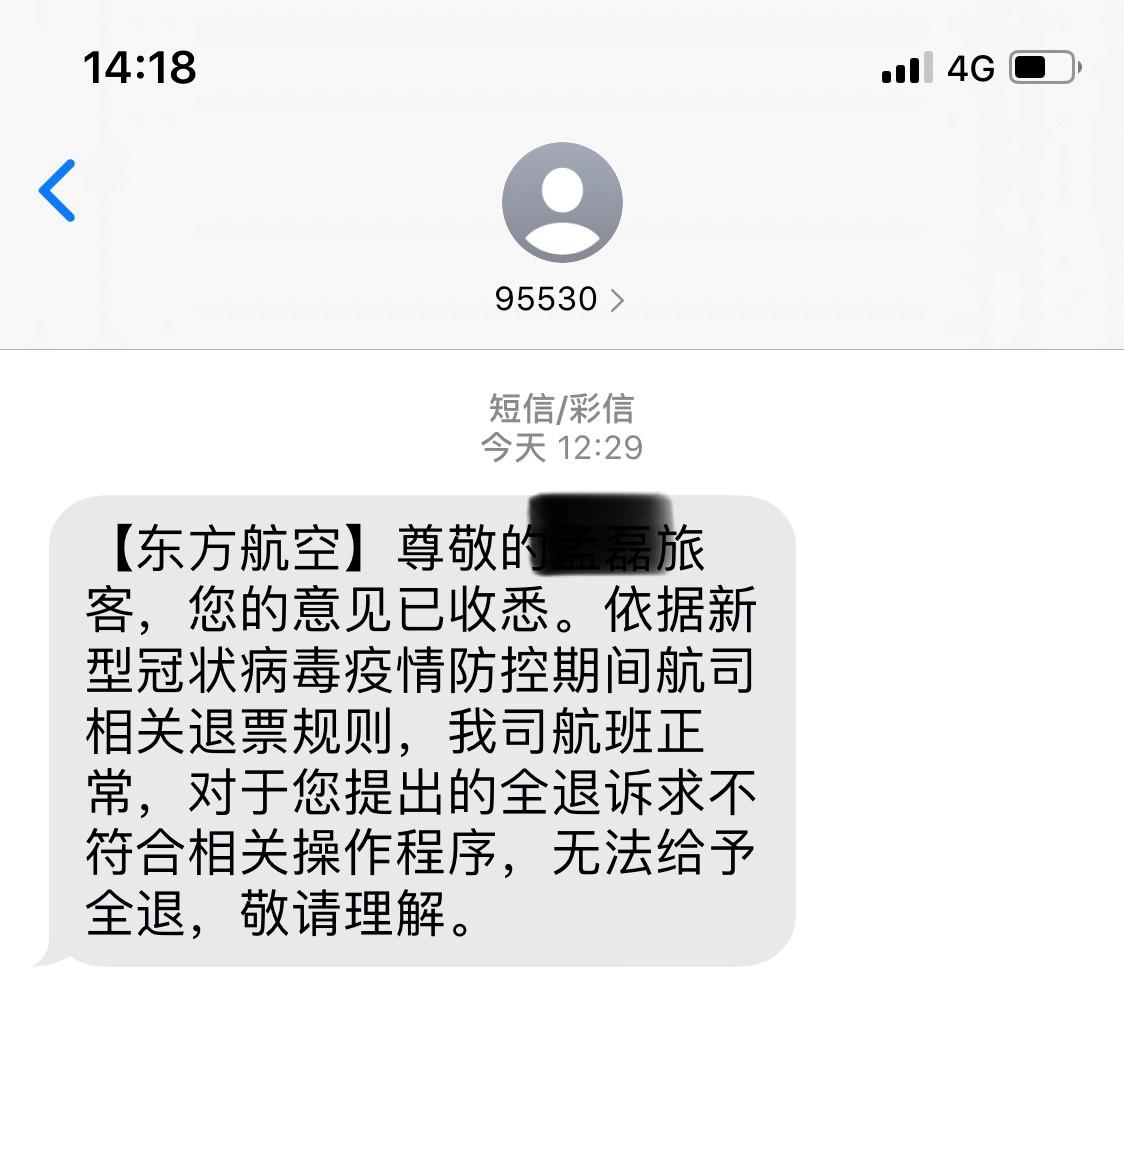 杨蕾收到的东航短信复兴内容 受访者 供图